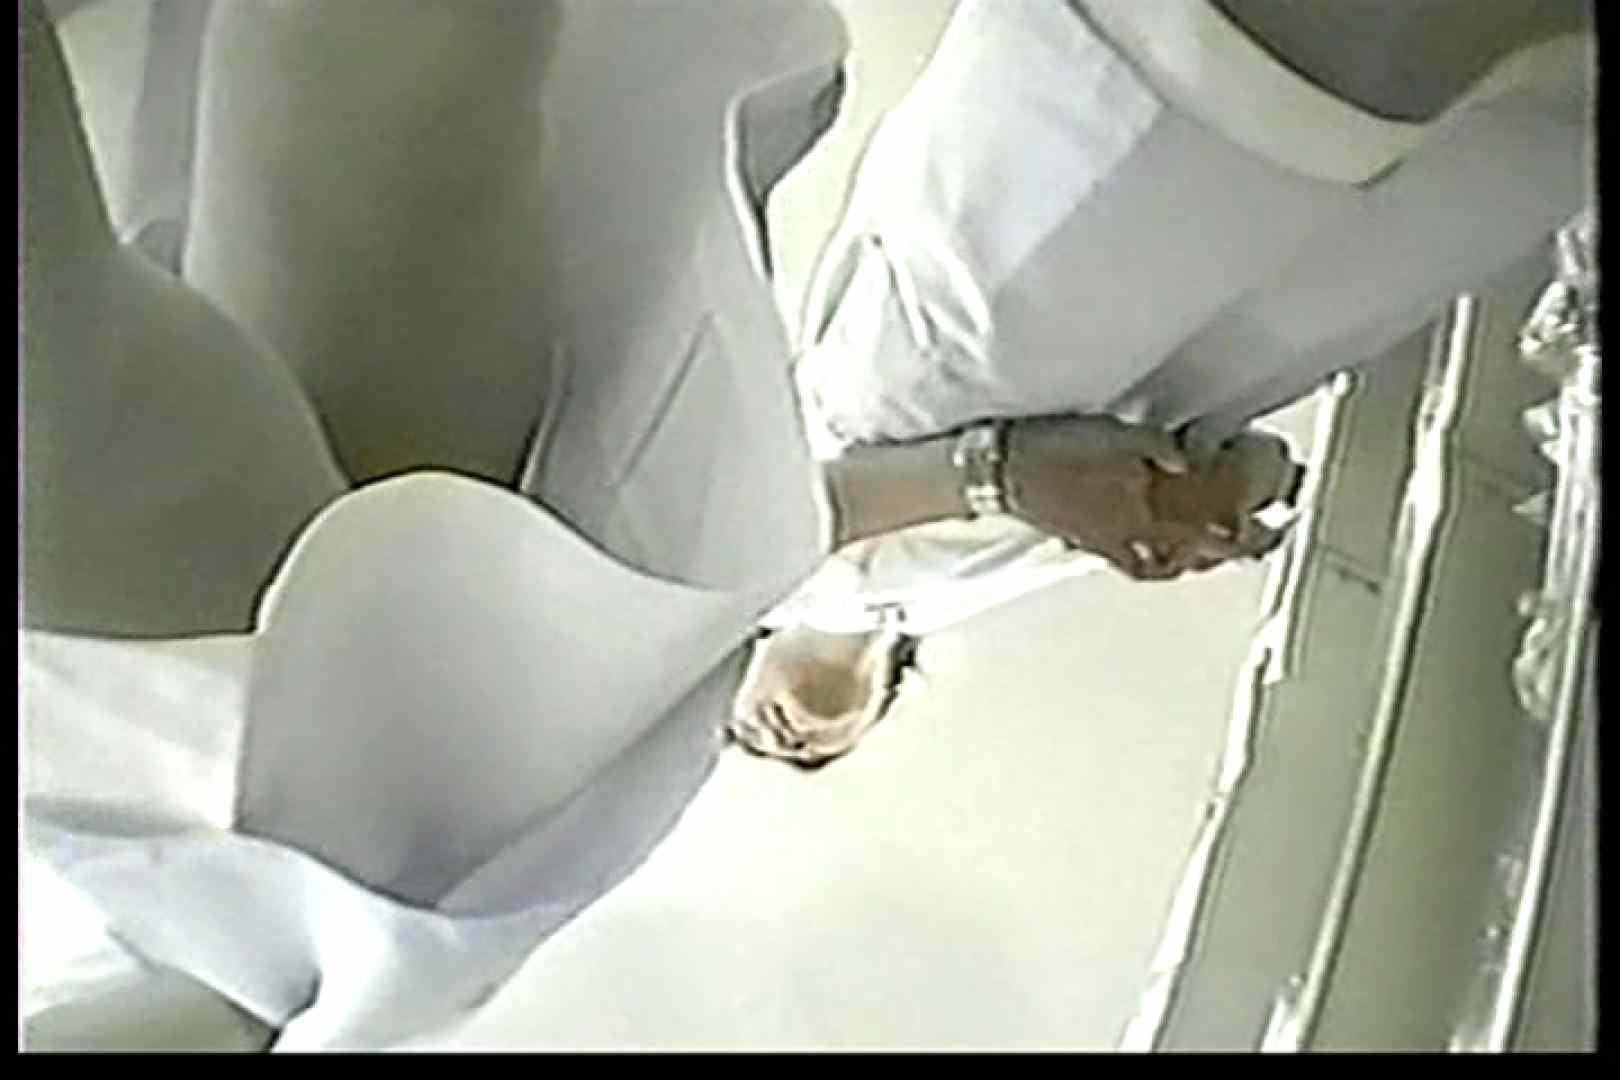 院内密着!看護婦達の下半身事情Vol.3 下半身 濡れ場動画紹介 112PICs 31